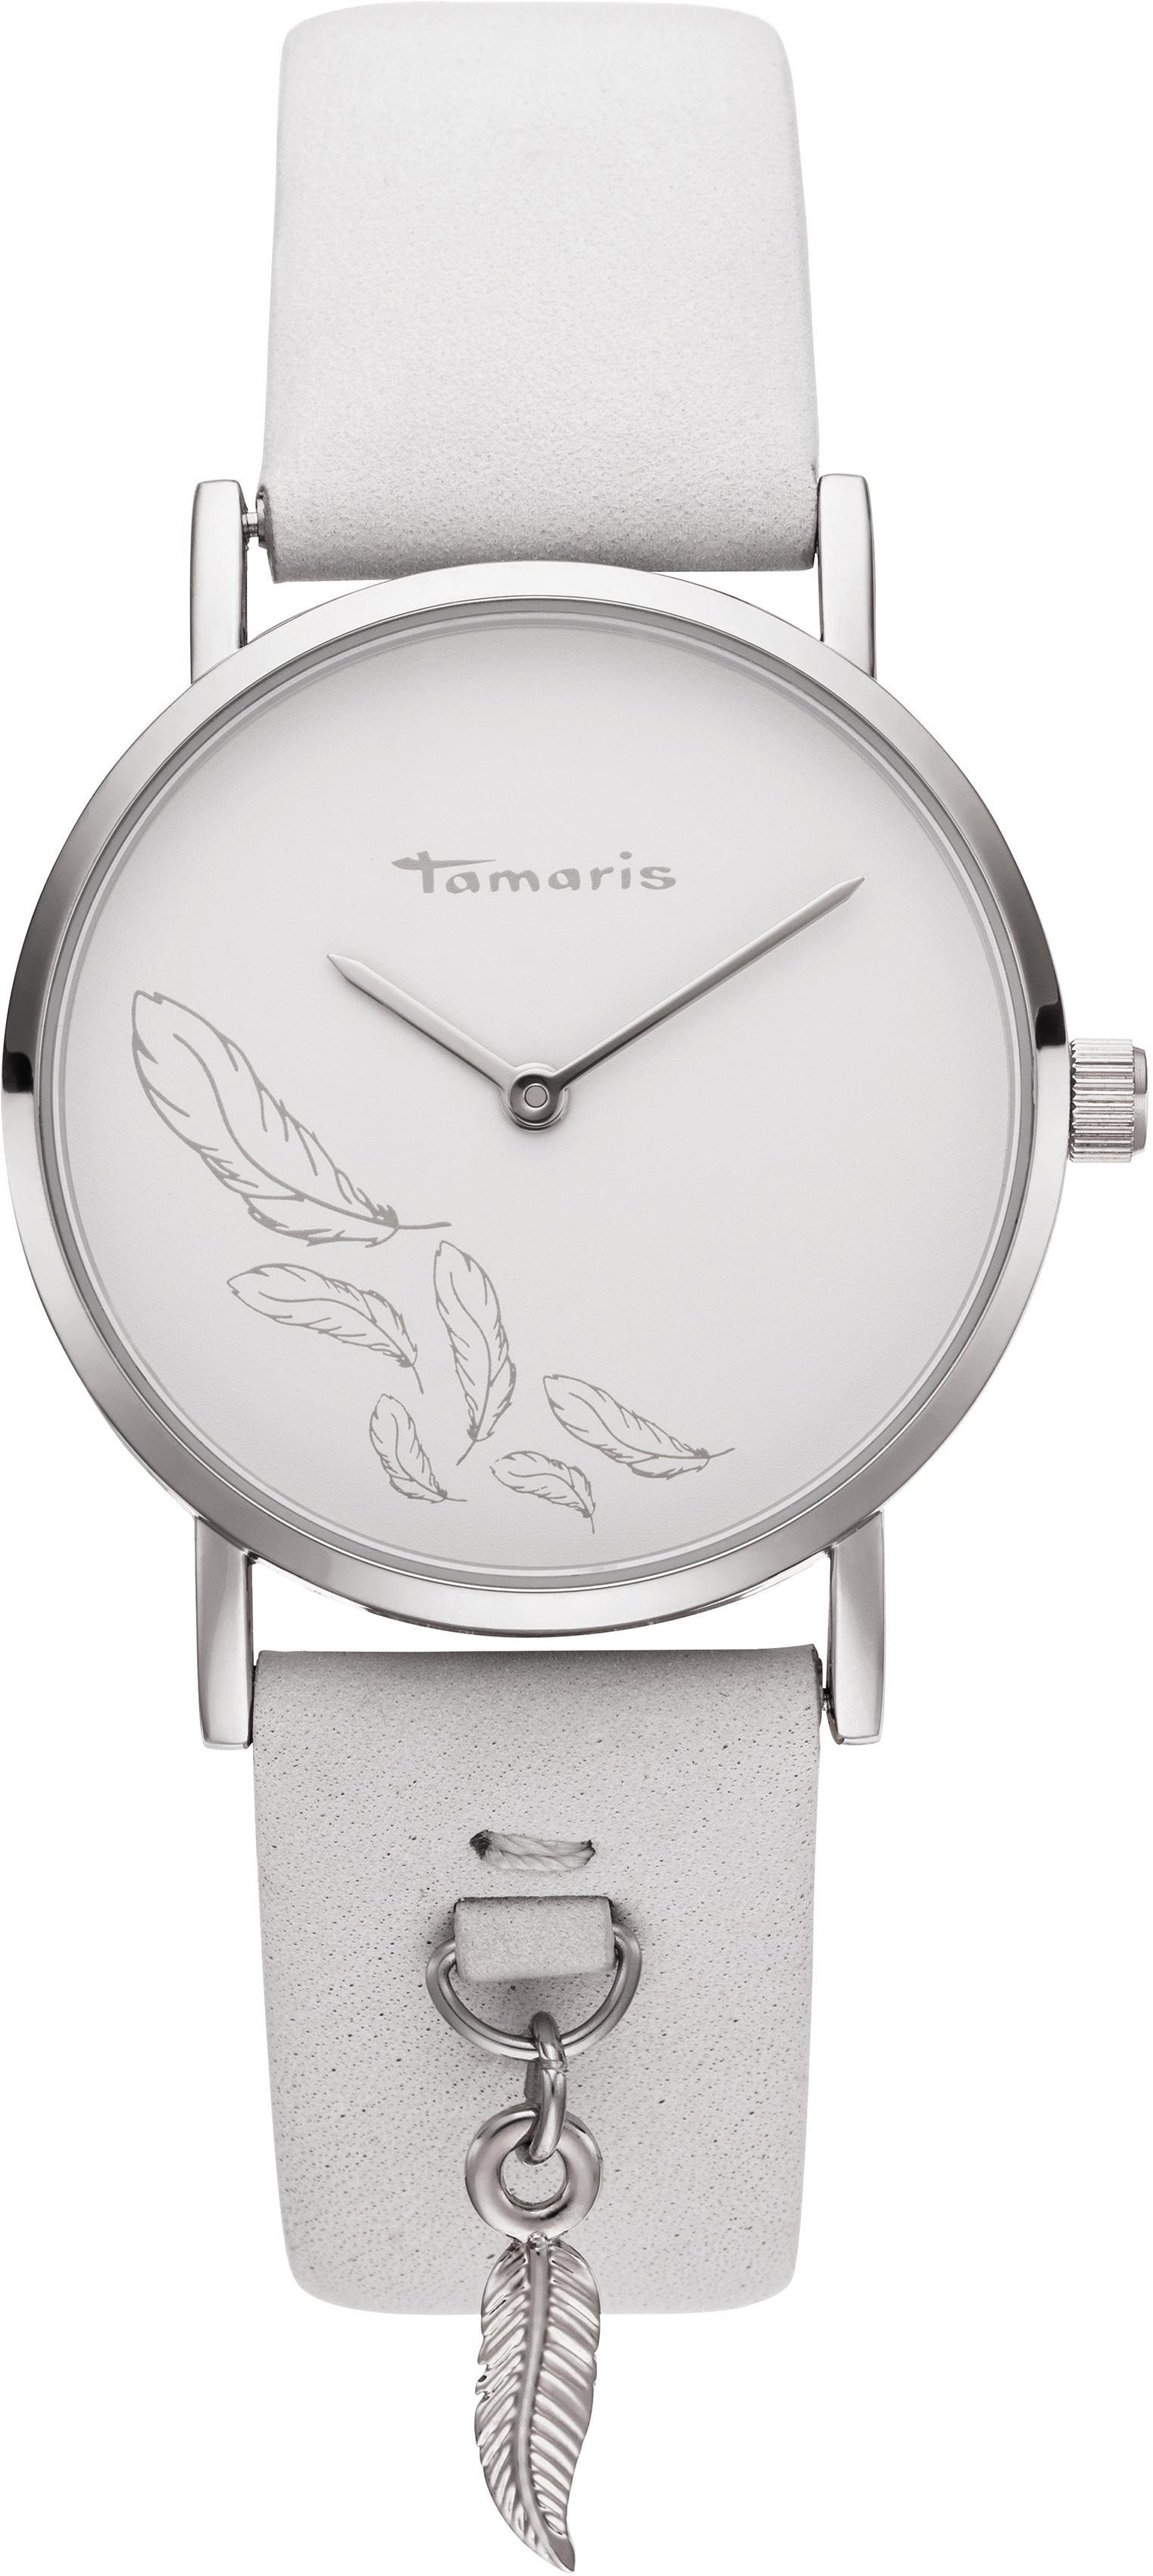 Tamaris kwartshorloge »Bente, TW080« goedkoop op otto.nl kopen